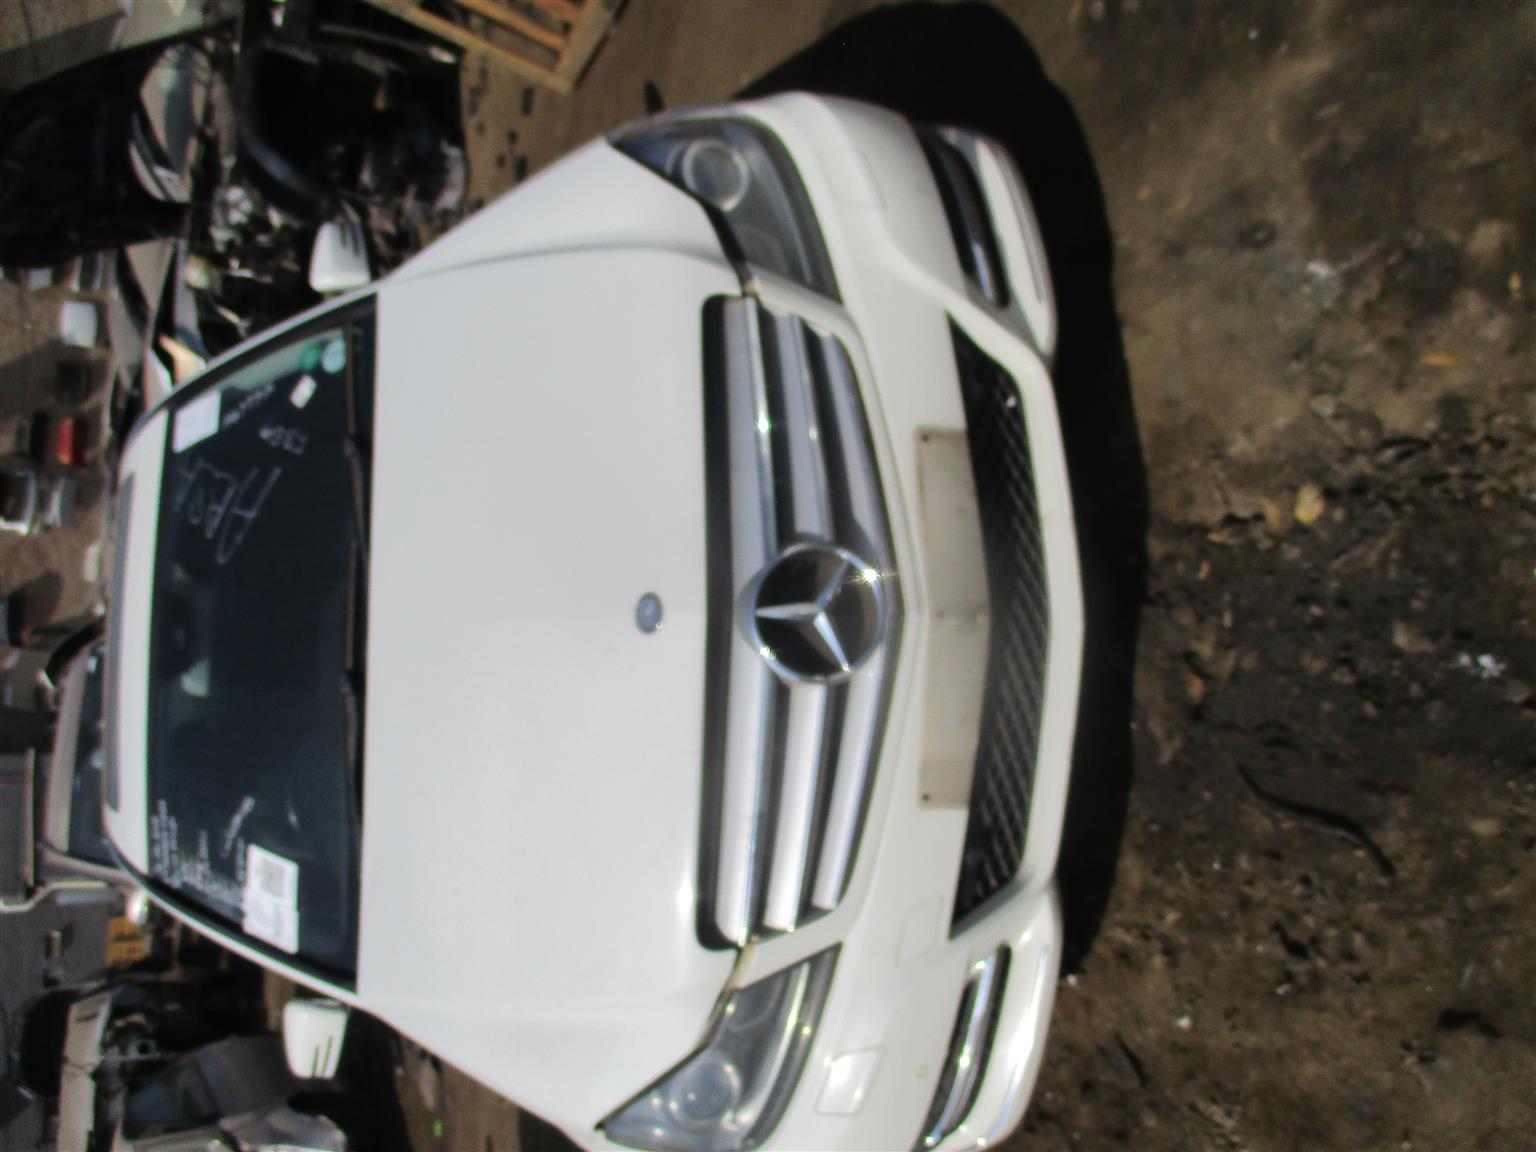 Mercedes Benz c250 cdi avantgrade 2012 sedan stripping for spares !!